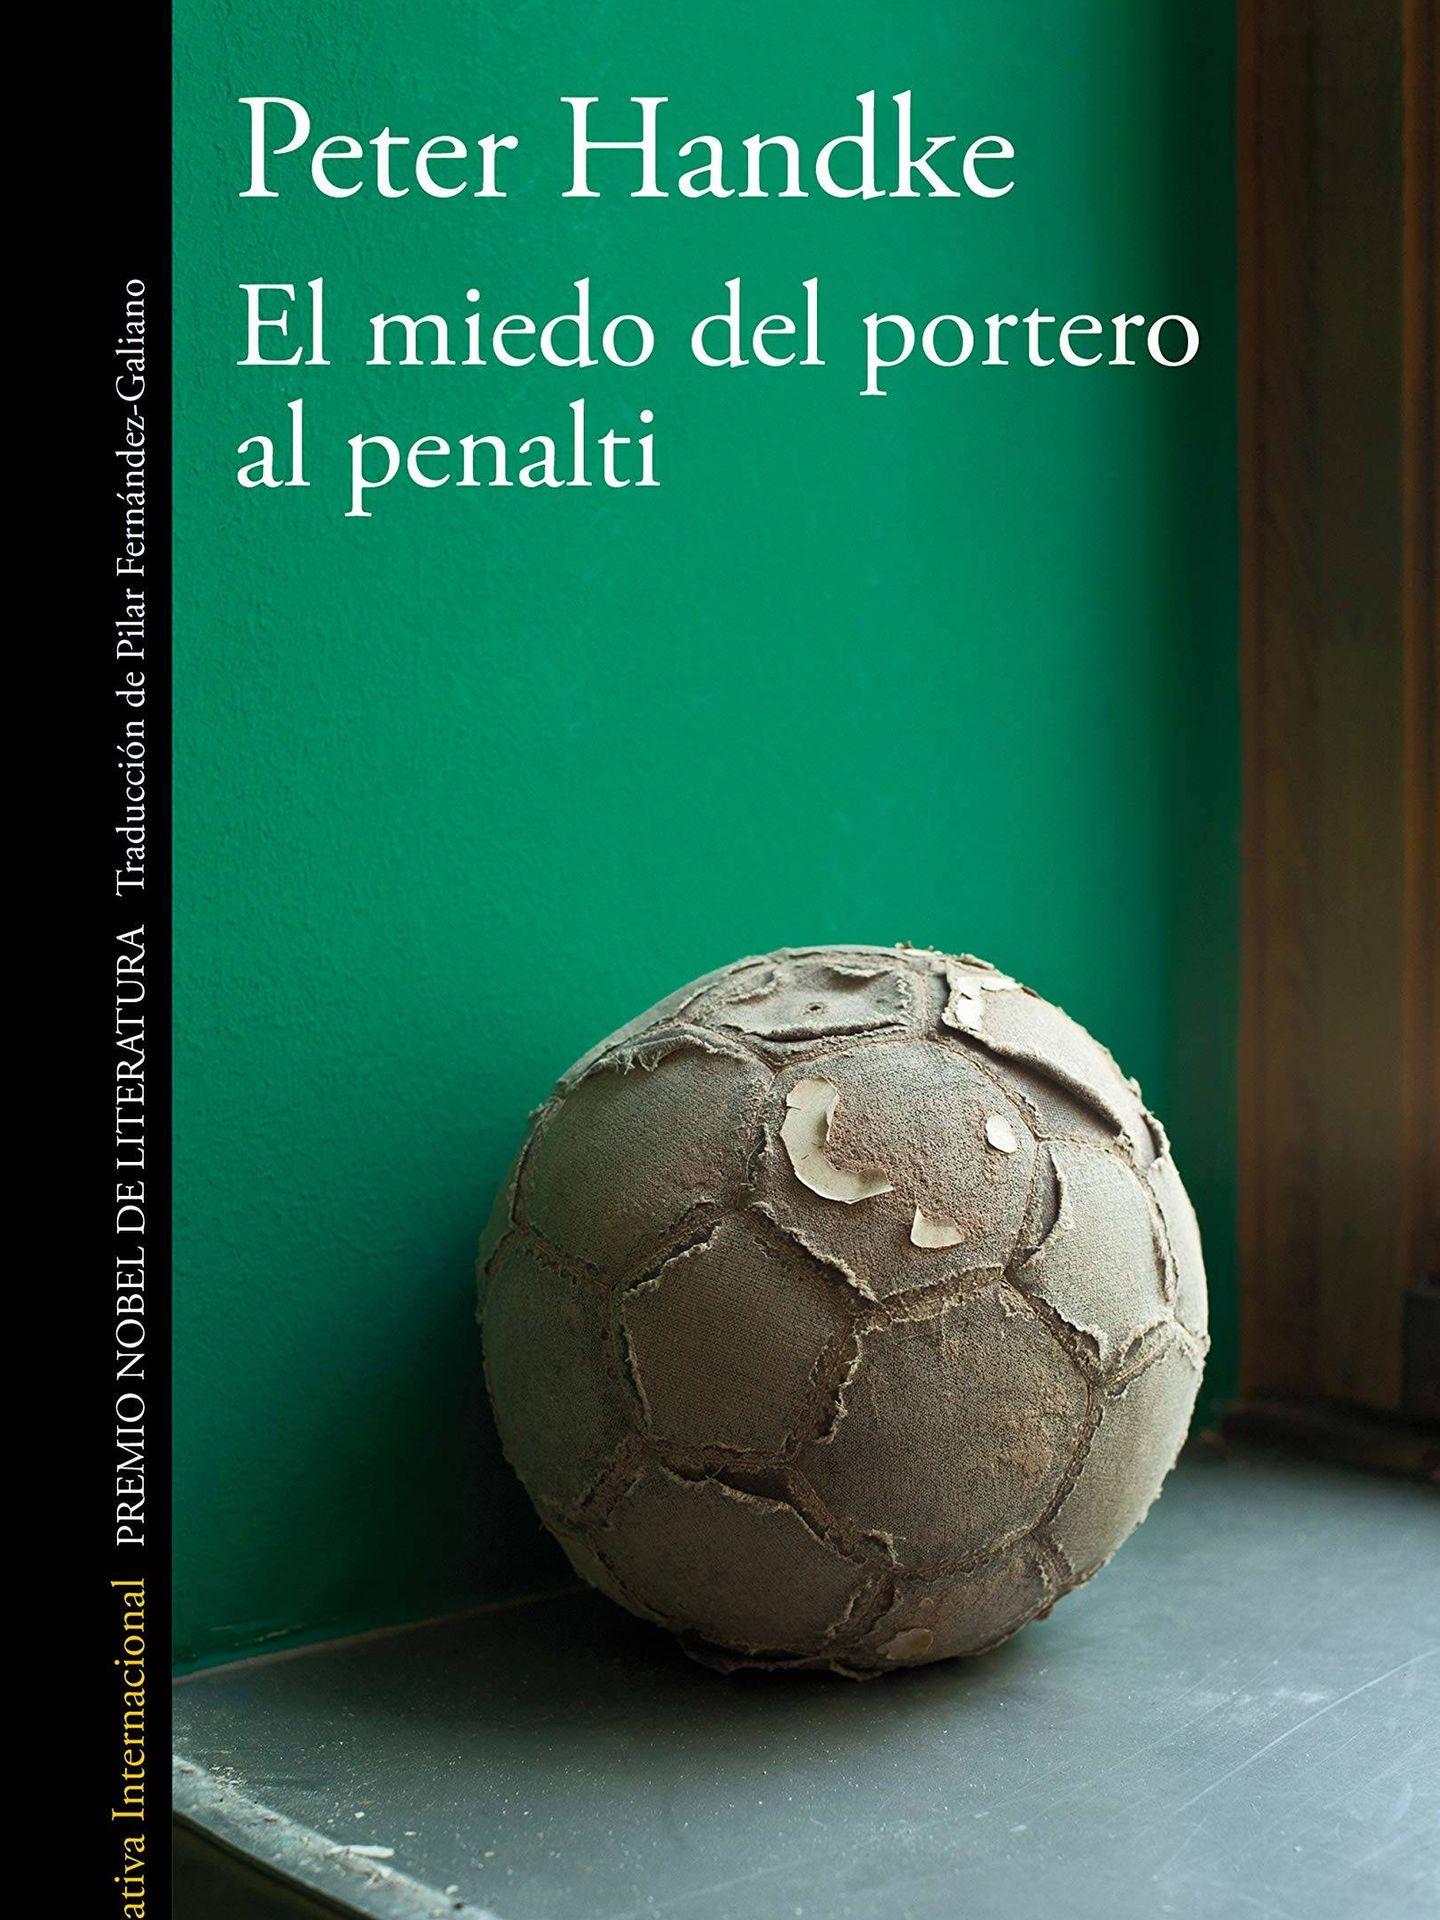 'El miedo del portero al penalti'.